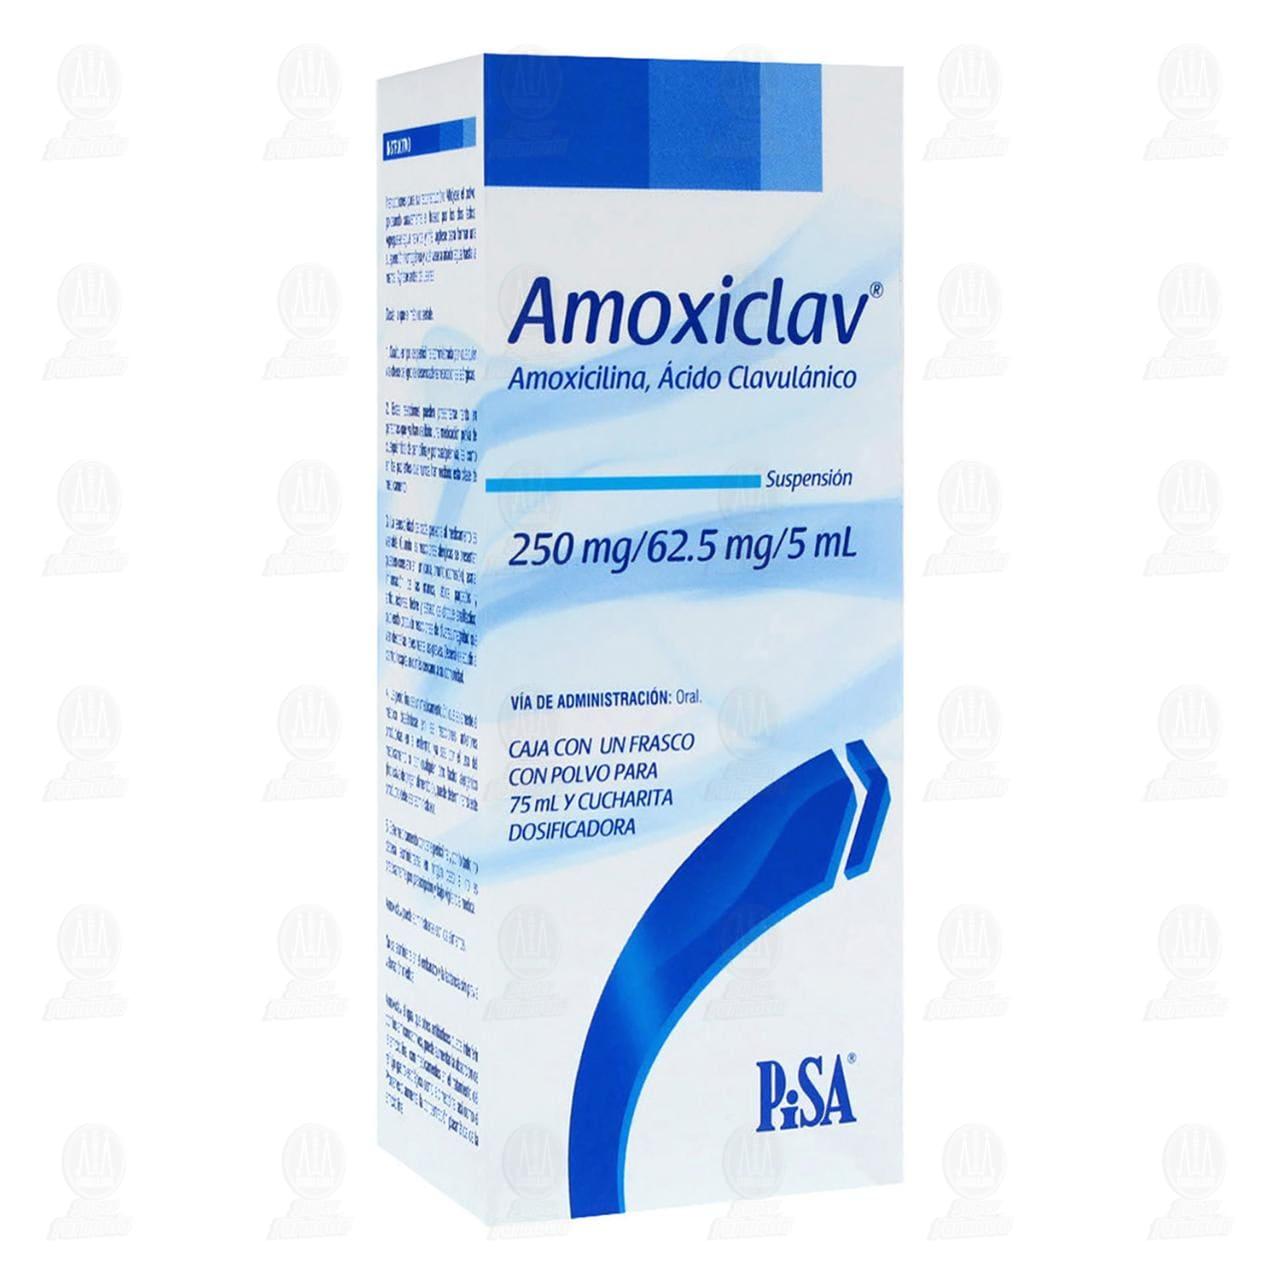 Comprar Amoxiclav Suspensión 250mg/62.5mg/5ml 75ml en Farmacias Guadalajara